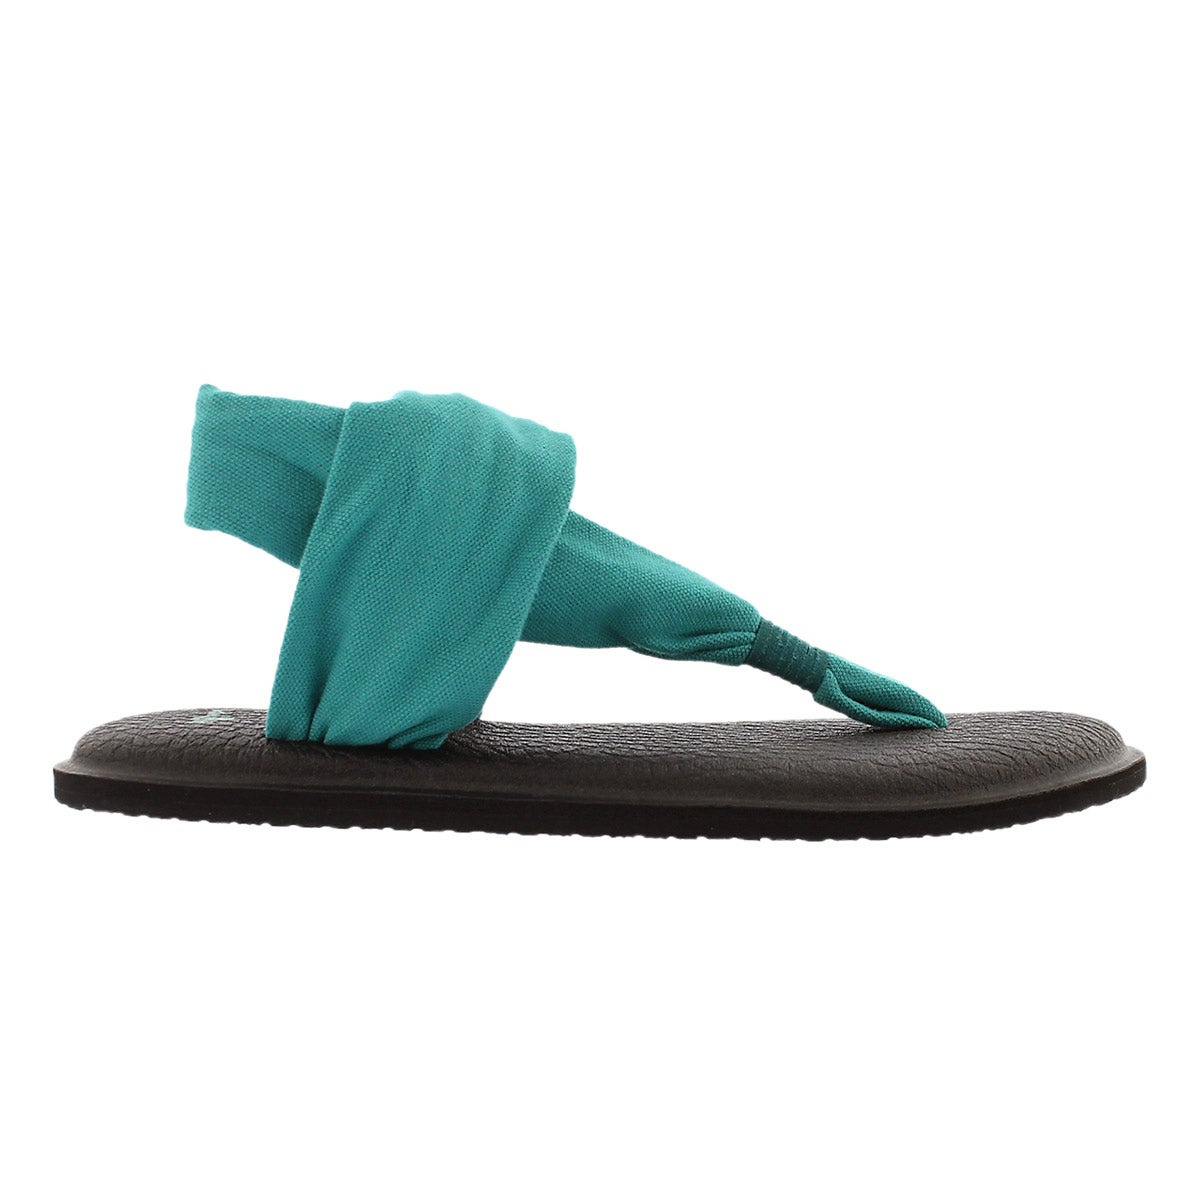 Sandale tong Yoga Sling, sarcelle, femme